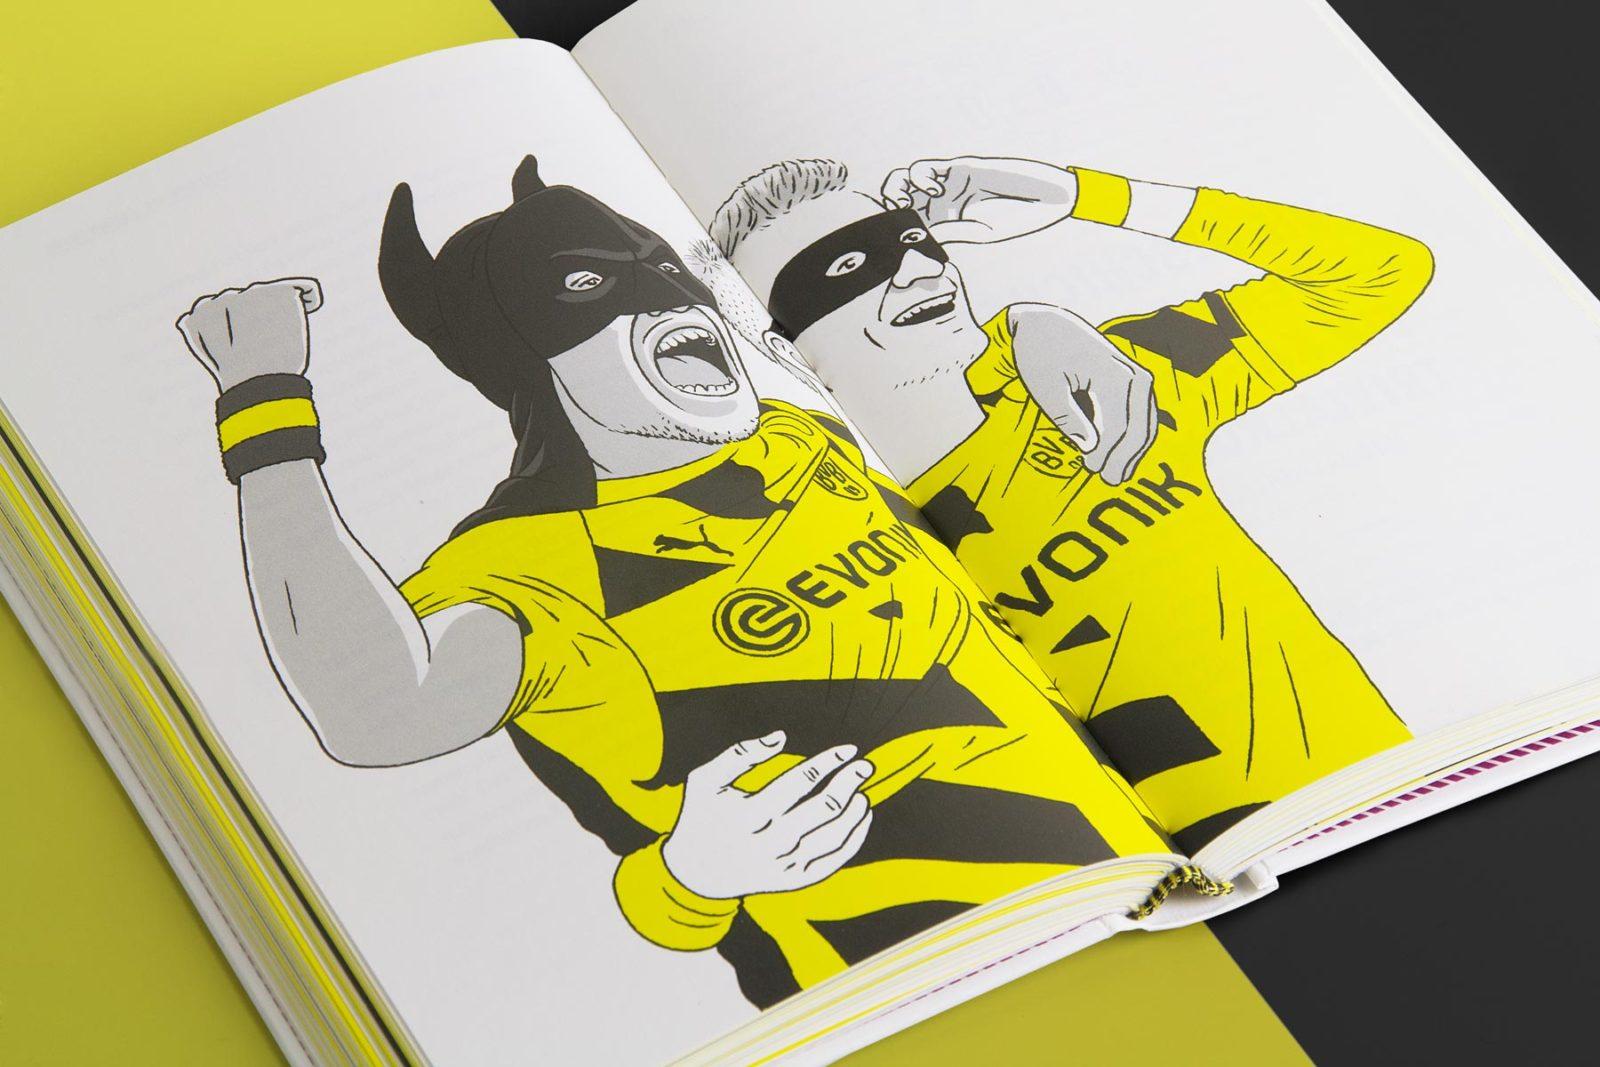 Editienne Grafikdesign - Kommunikationsdesign Berlin- Buchcoverdesign und Buchgestaltung Borussia Dortmund- BVB Buch 16